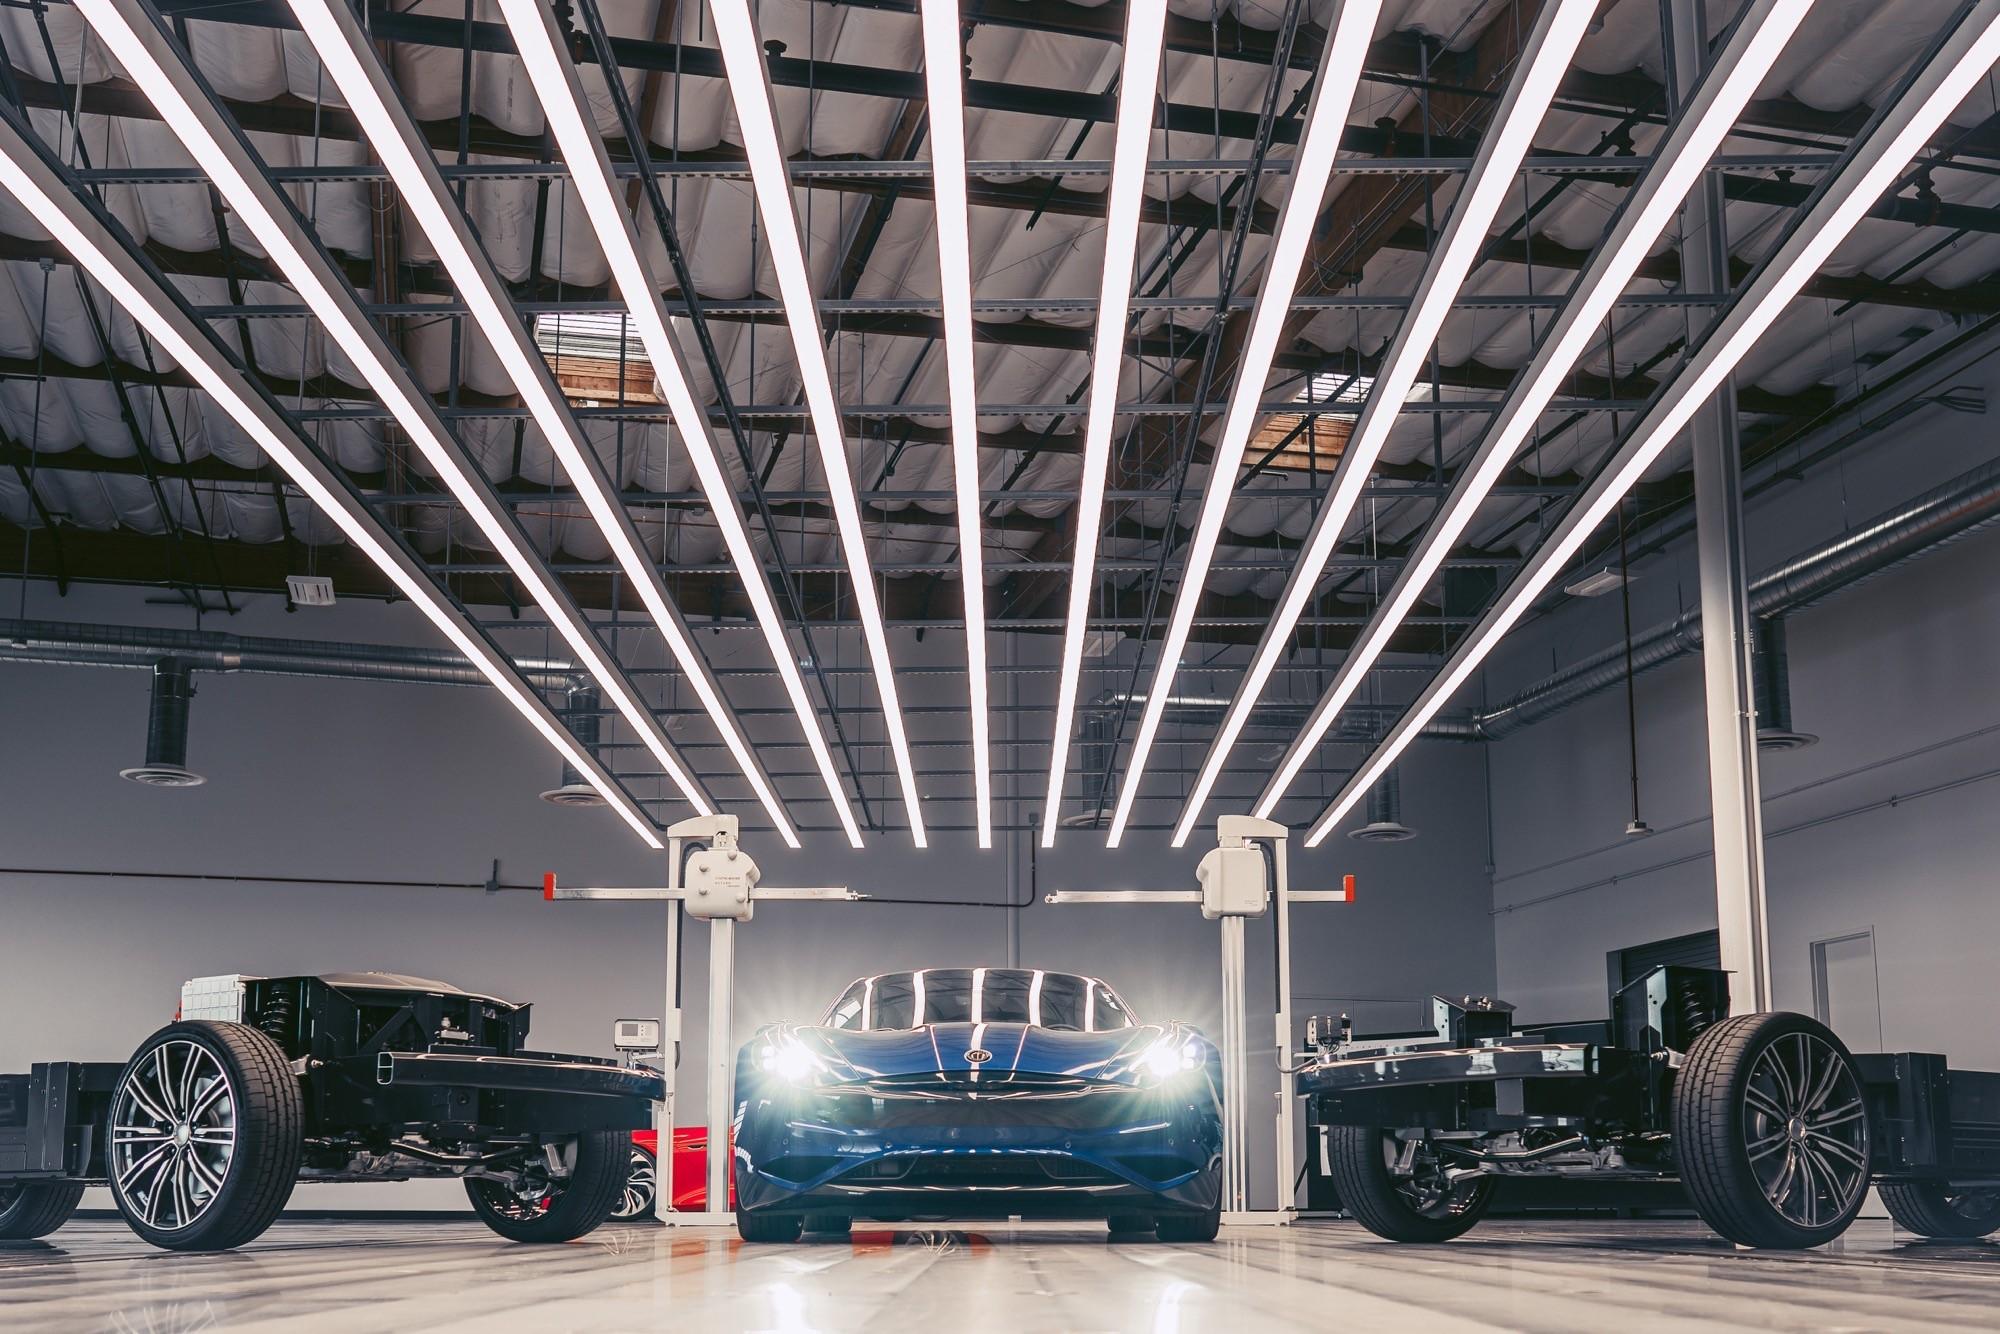 Karma révèle sa Revero GTE, une berline électrique avec plus de 600 km d'autonomie